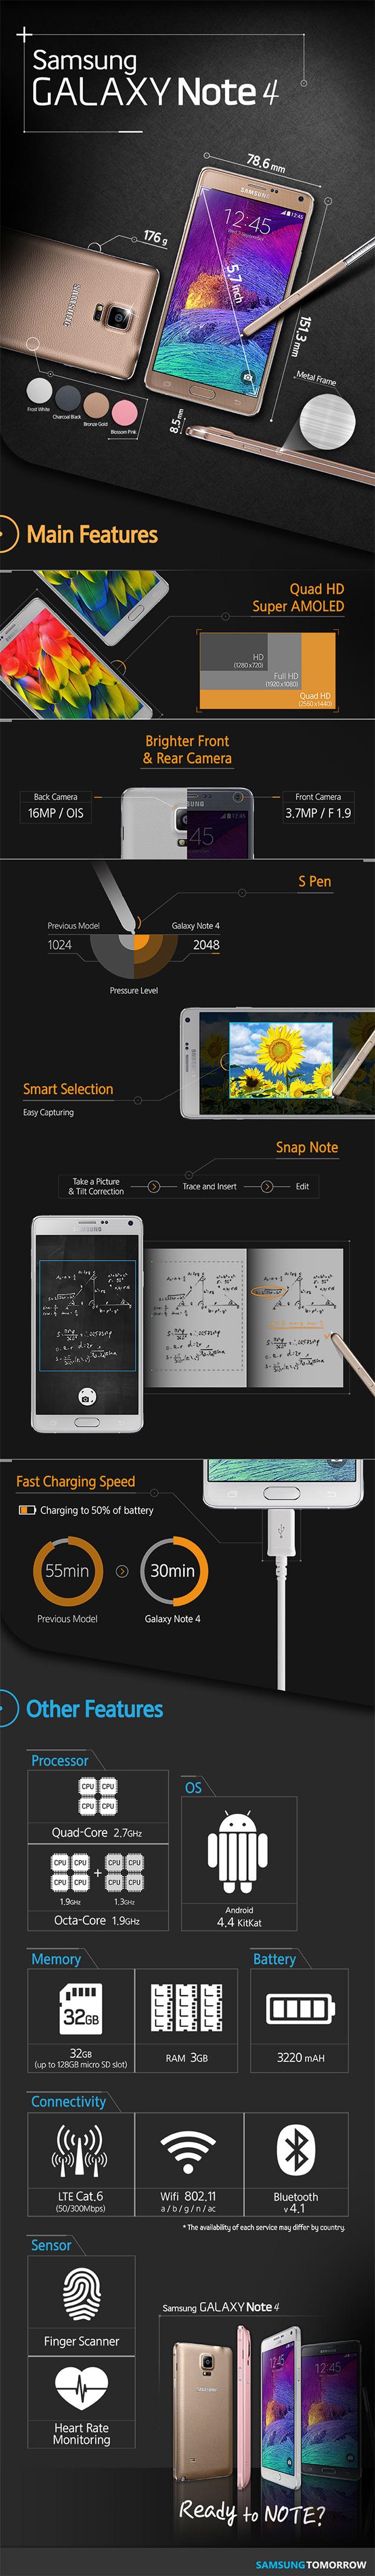 Samsung Galaxy Note 4, tutto in un'infografia